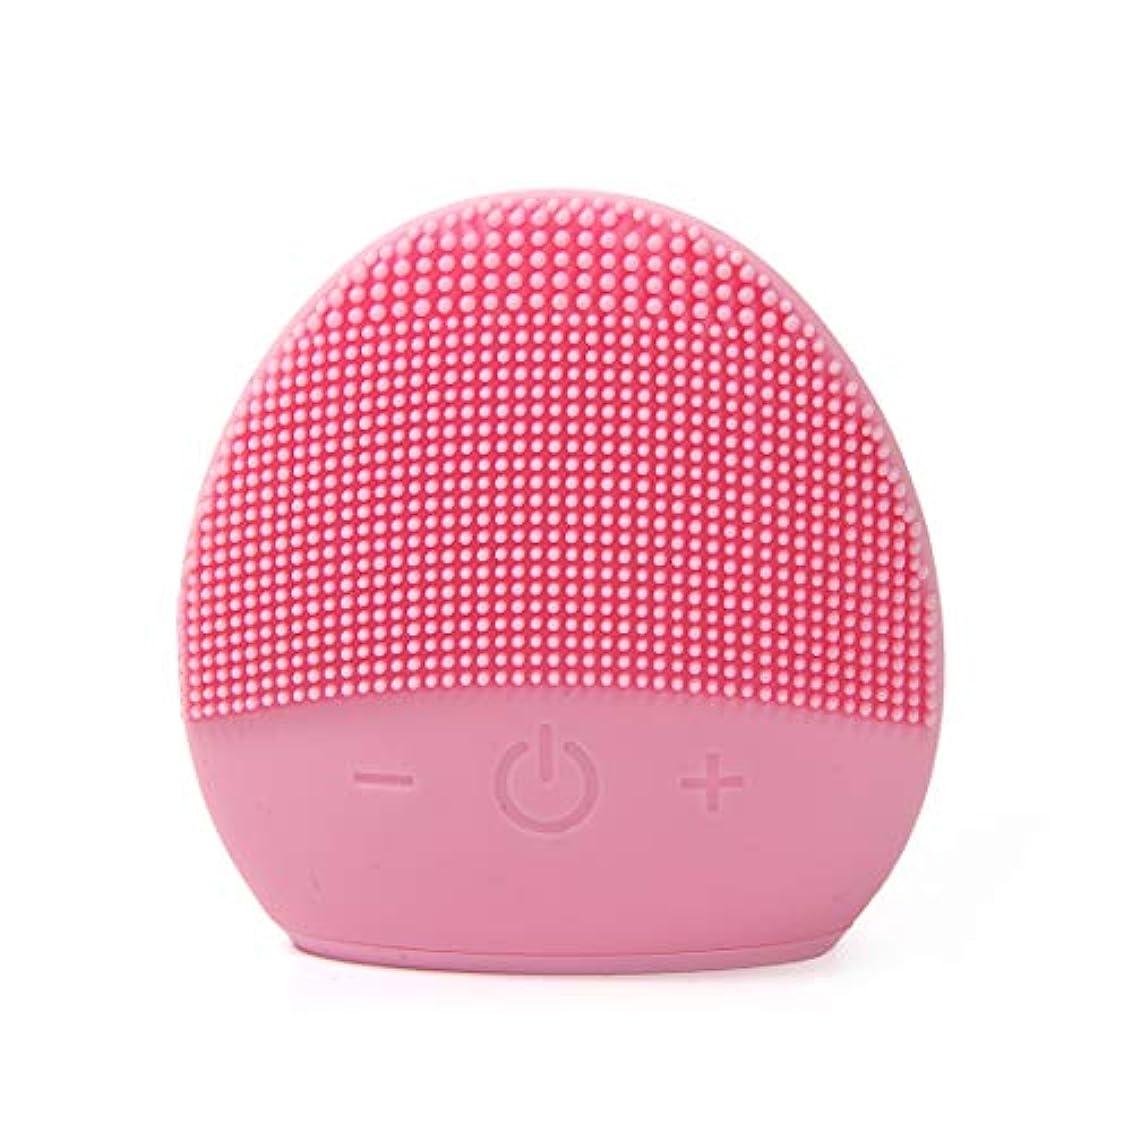 開梱穿孔する観点ミニシリコーンクレンジングブラシ - すべての肌タイプのためのFEITA防水シリコーンクレンザーと電気マッサージシステム(ピンク)